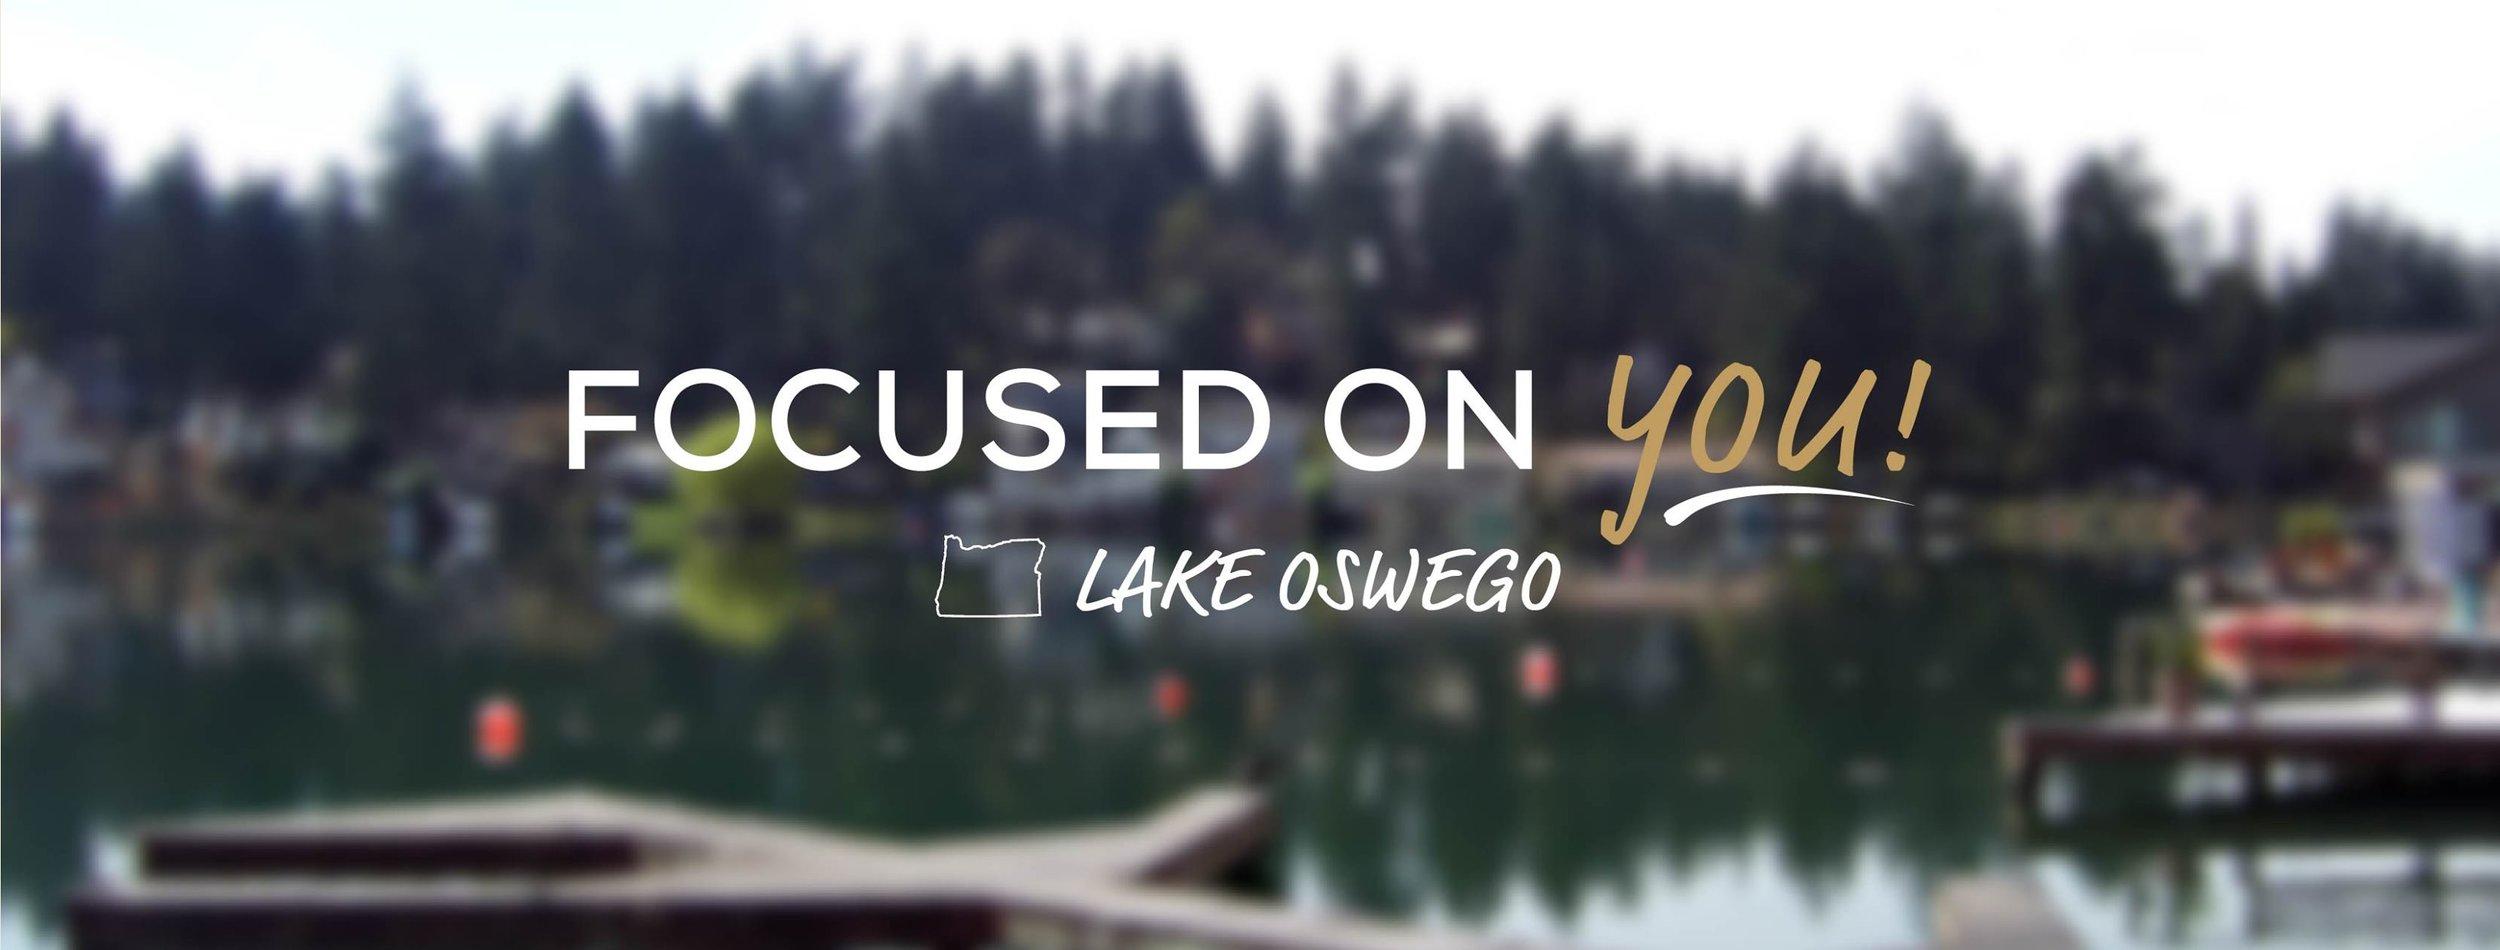 Lake Oswego - HQ - 503.636.6000lakeo@directorsmortgage.net4550 SW Kruse Way, Suite 275Lake Oswego, OR 97035